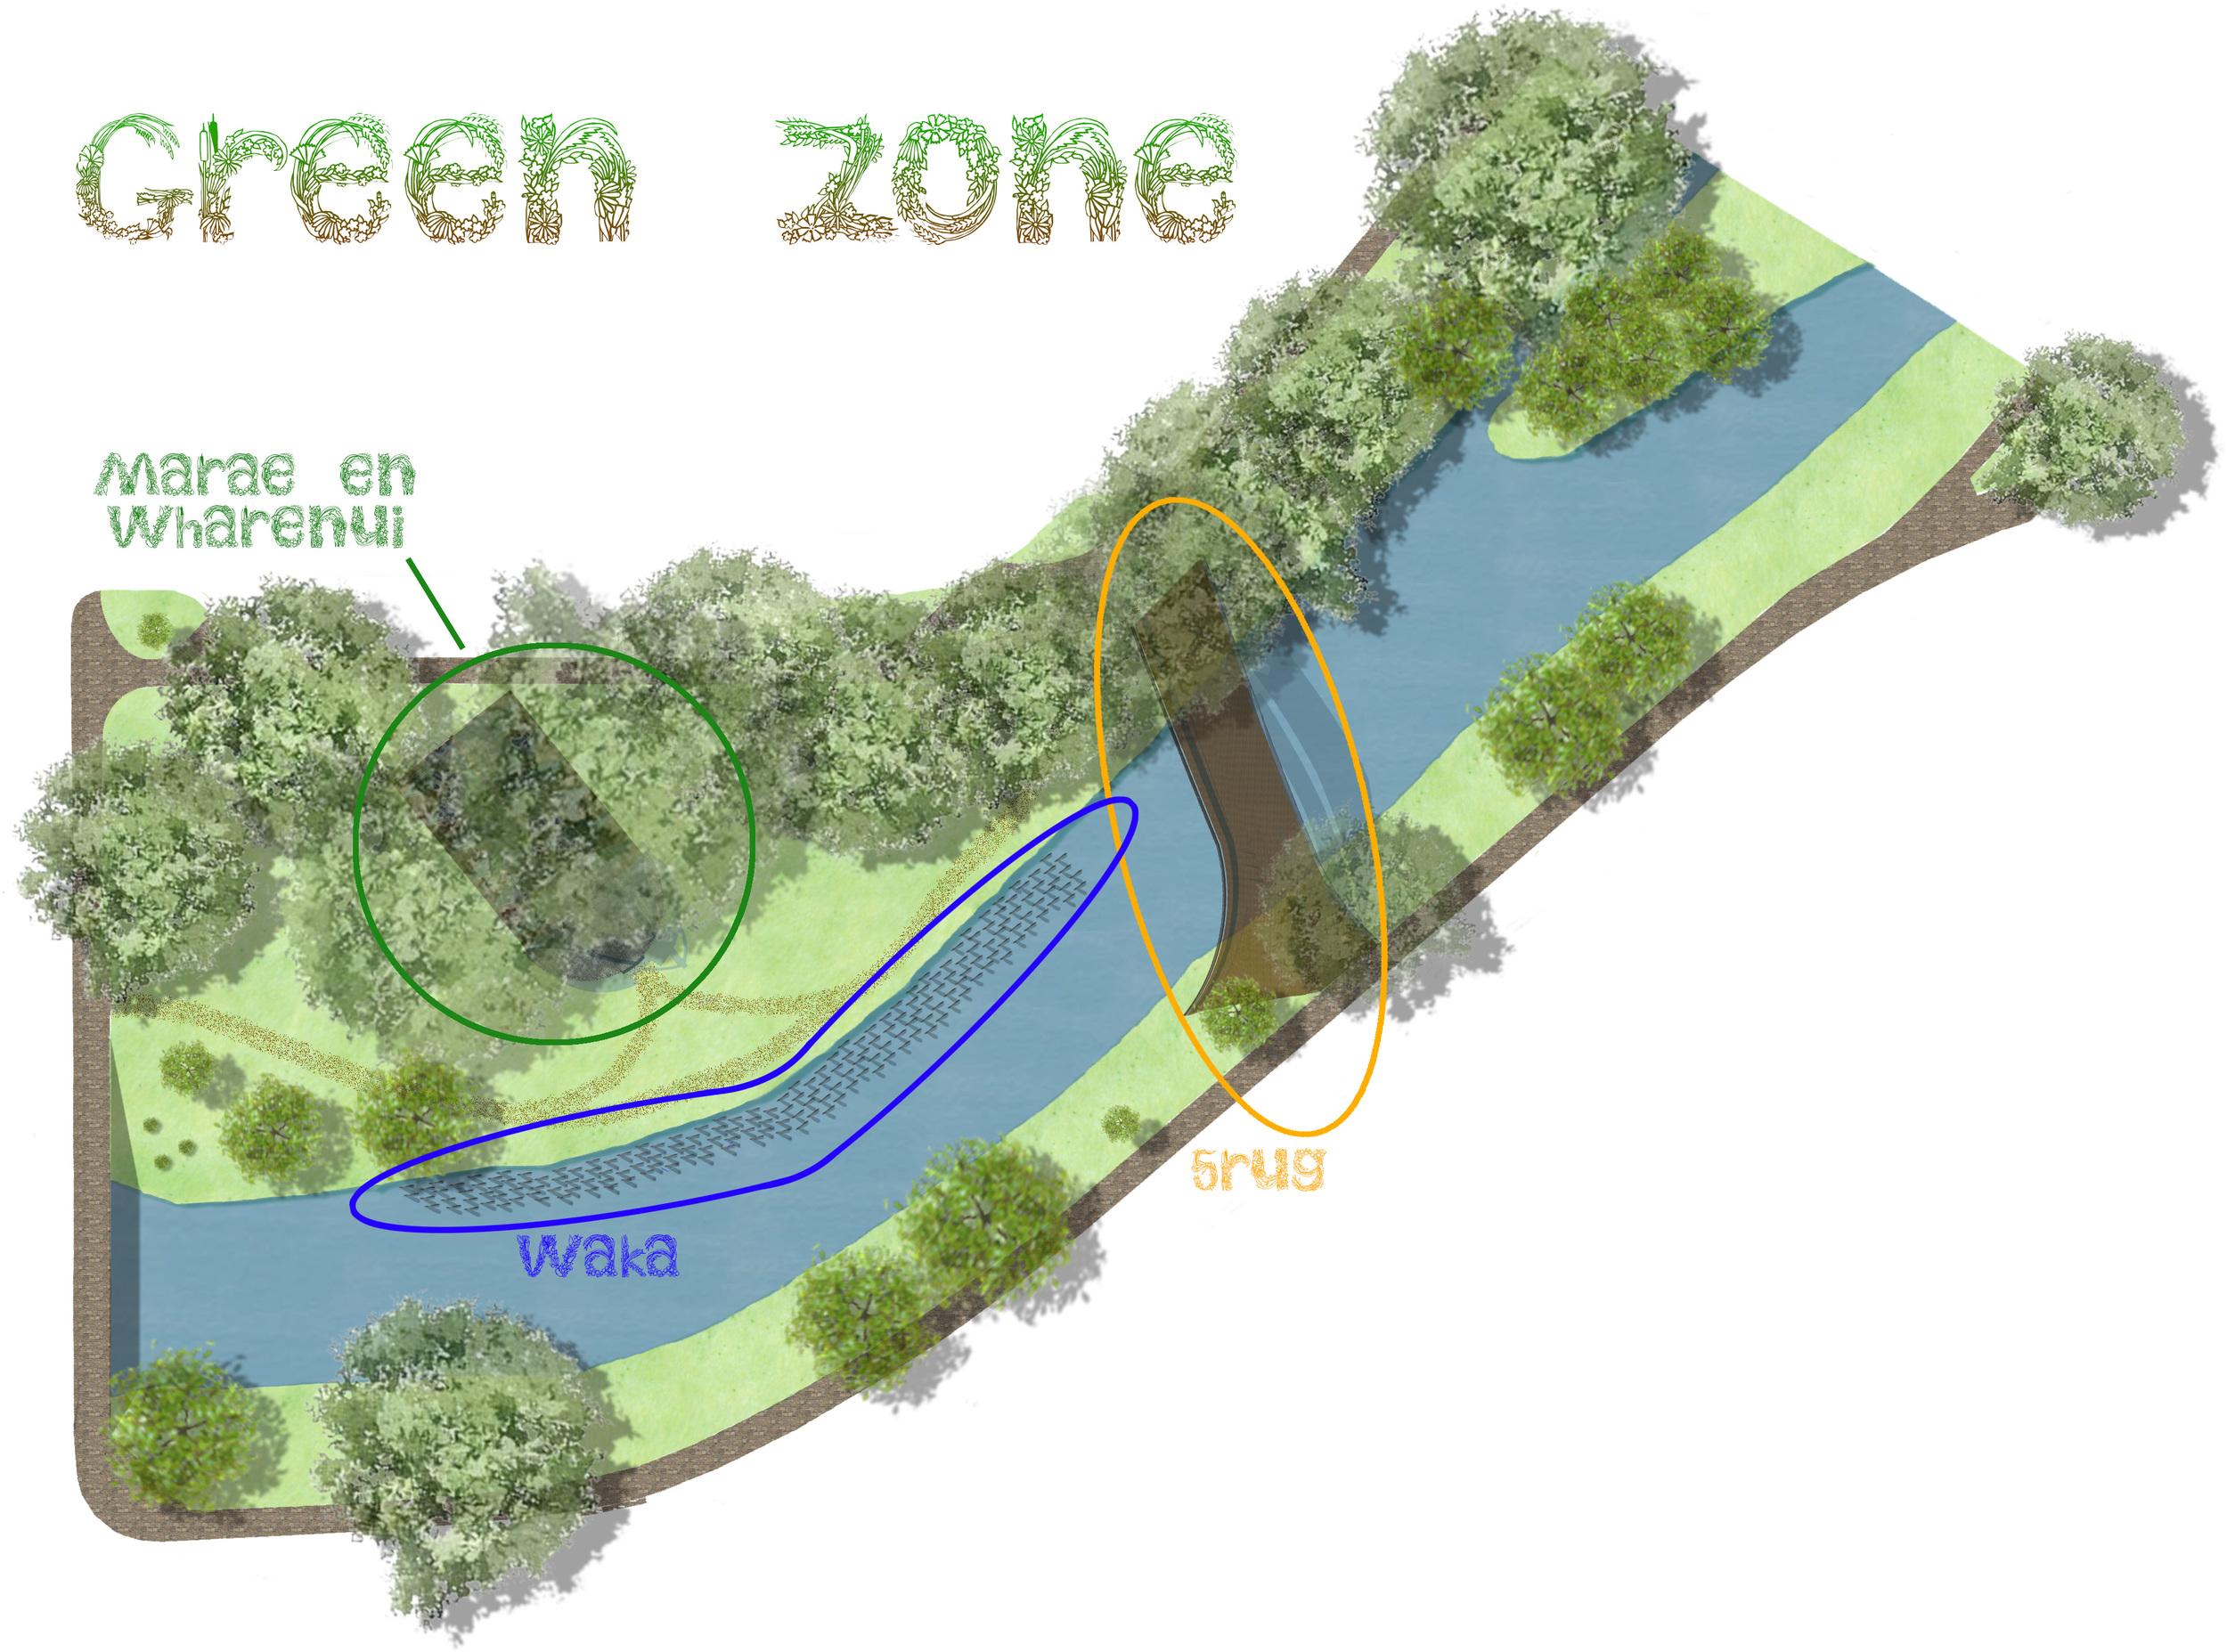 Plattegrond van de Green Zone